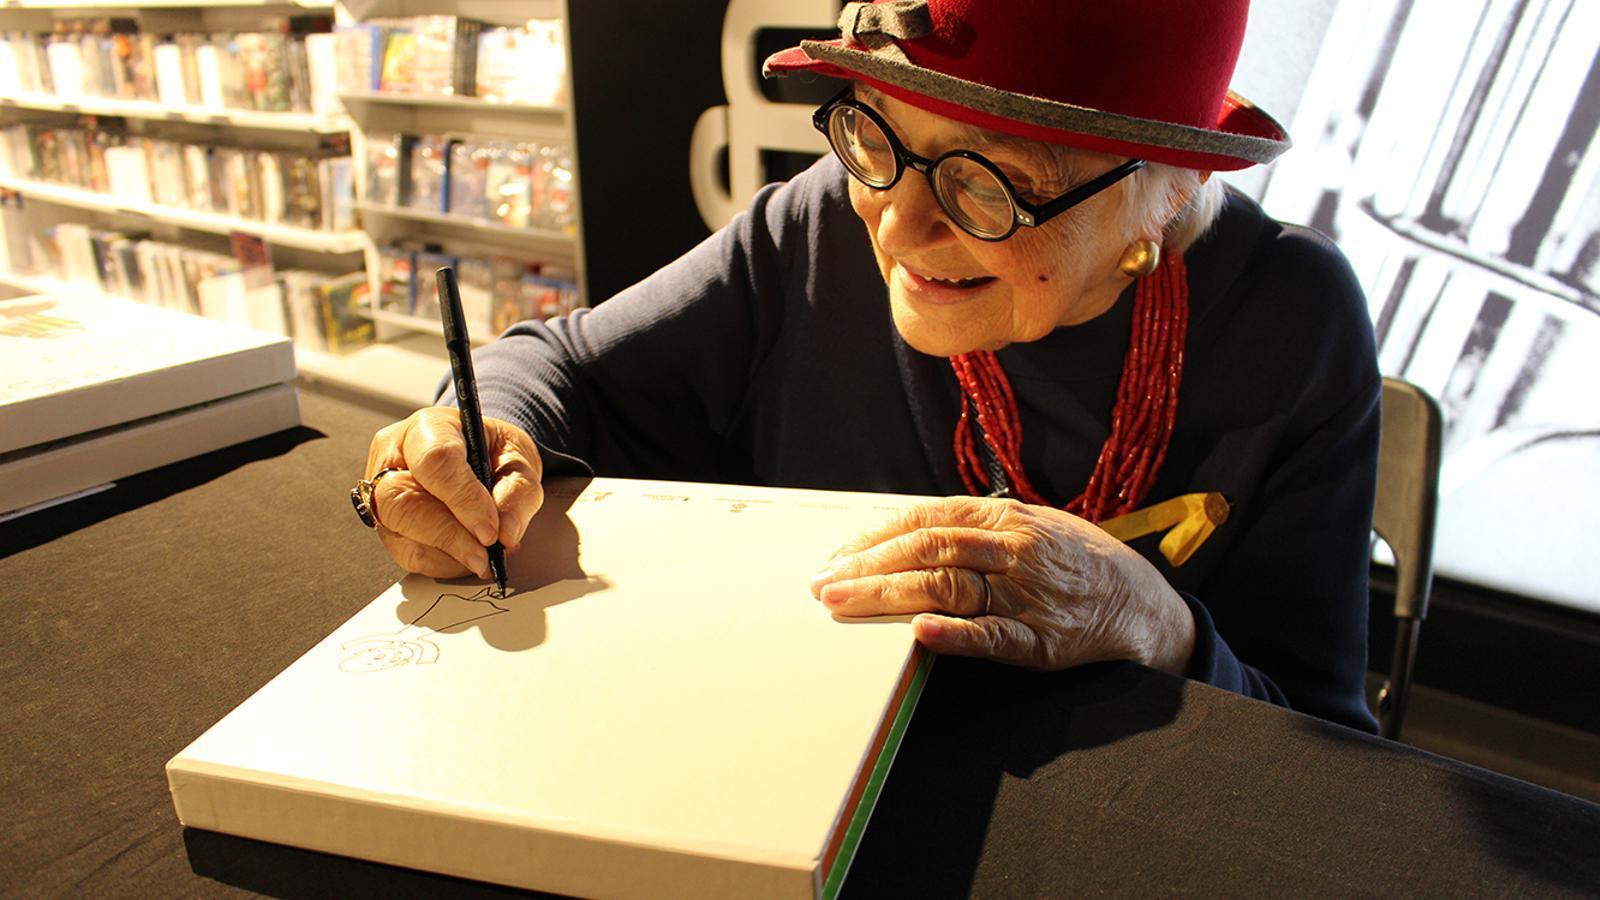 La il·lustradora Pilarín Bayés, signant llibres aquest dilluns al migdia a l'Fnac. / ASSANDCA